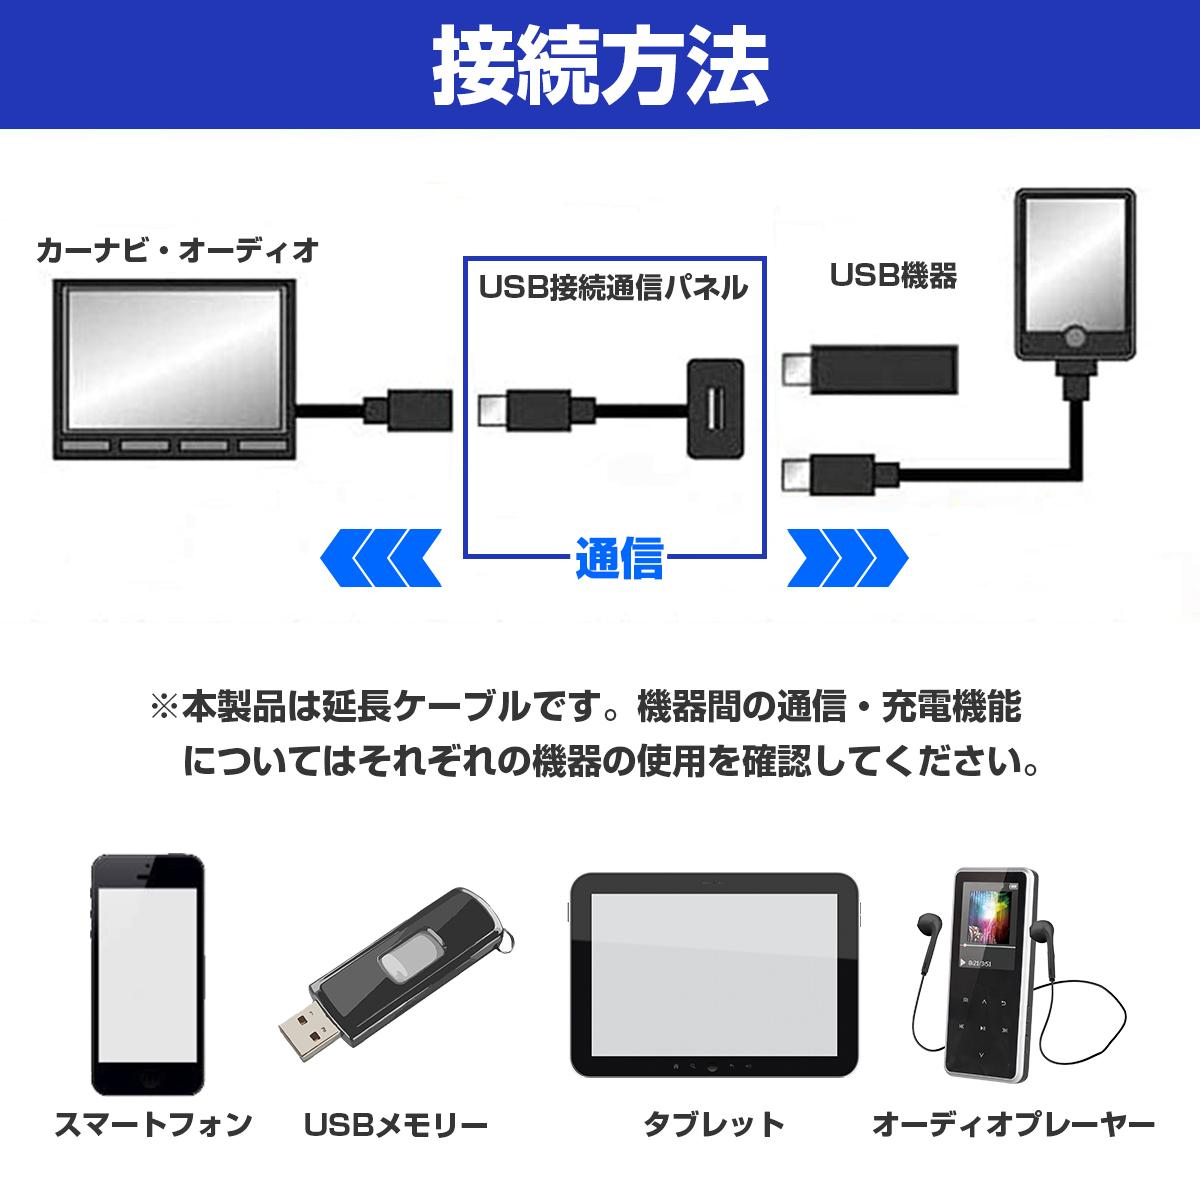 【送料無料~】【トヨタAタイプ】 ヴィッツ UZJ/HDJ100系 H17.2~H22.11 USB接続通信パネル 配線付 USB1ポート 増設USBケーブル 2.1A 12V_画像4